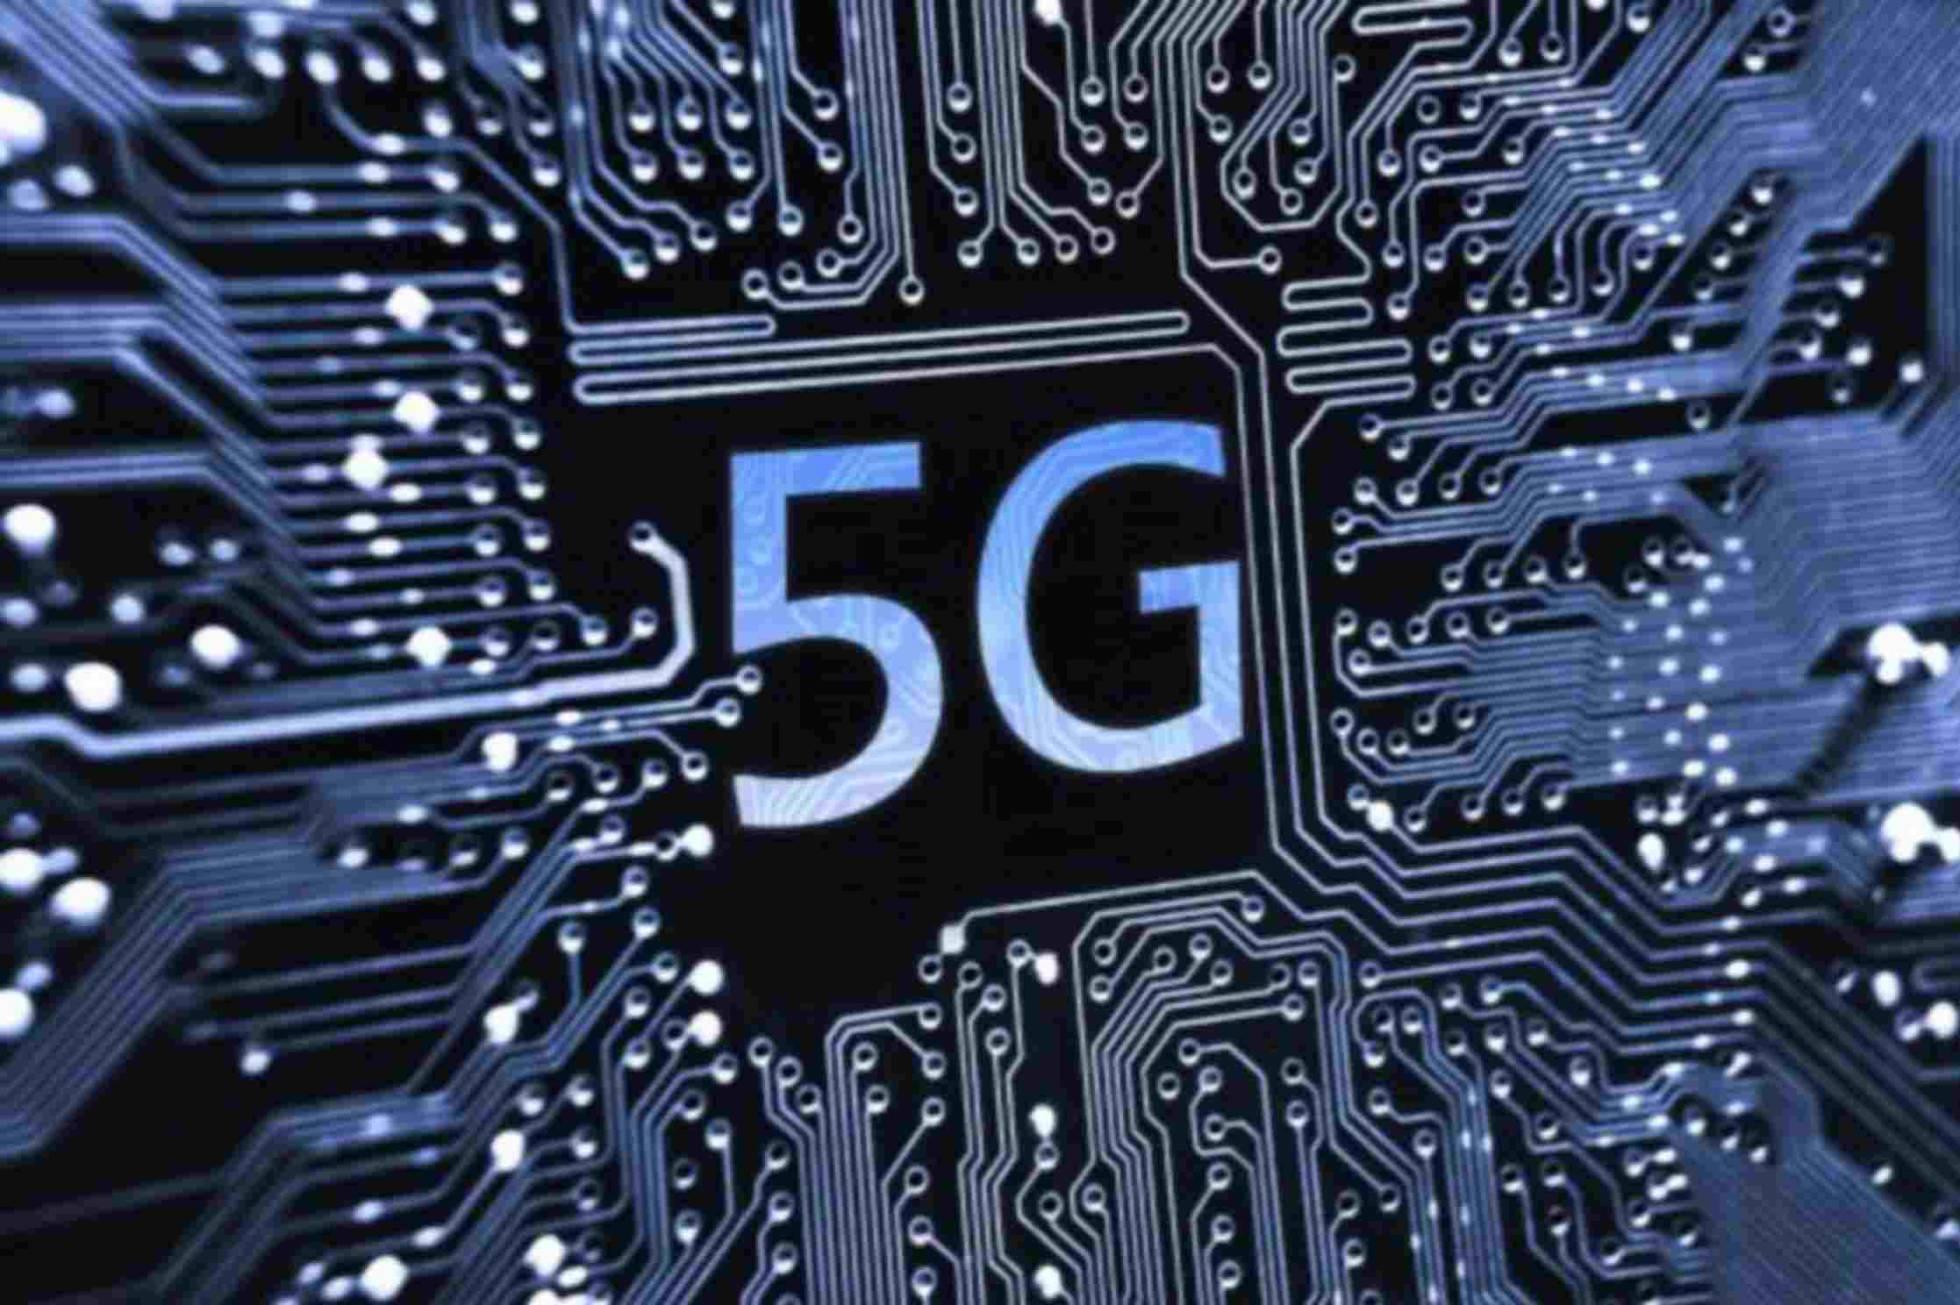 Arcanos Intercom S.L. - El 5G permitirá la conducción automática y el Internet de las Cosas